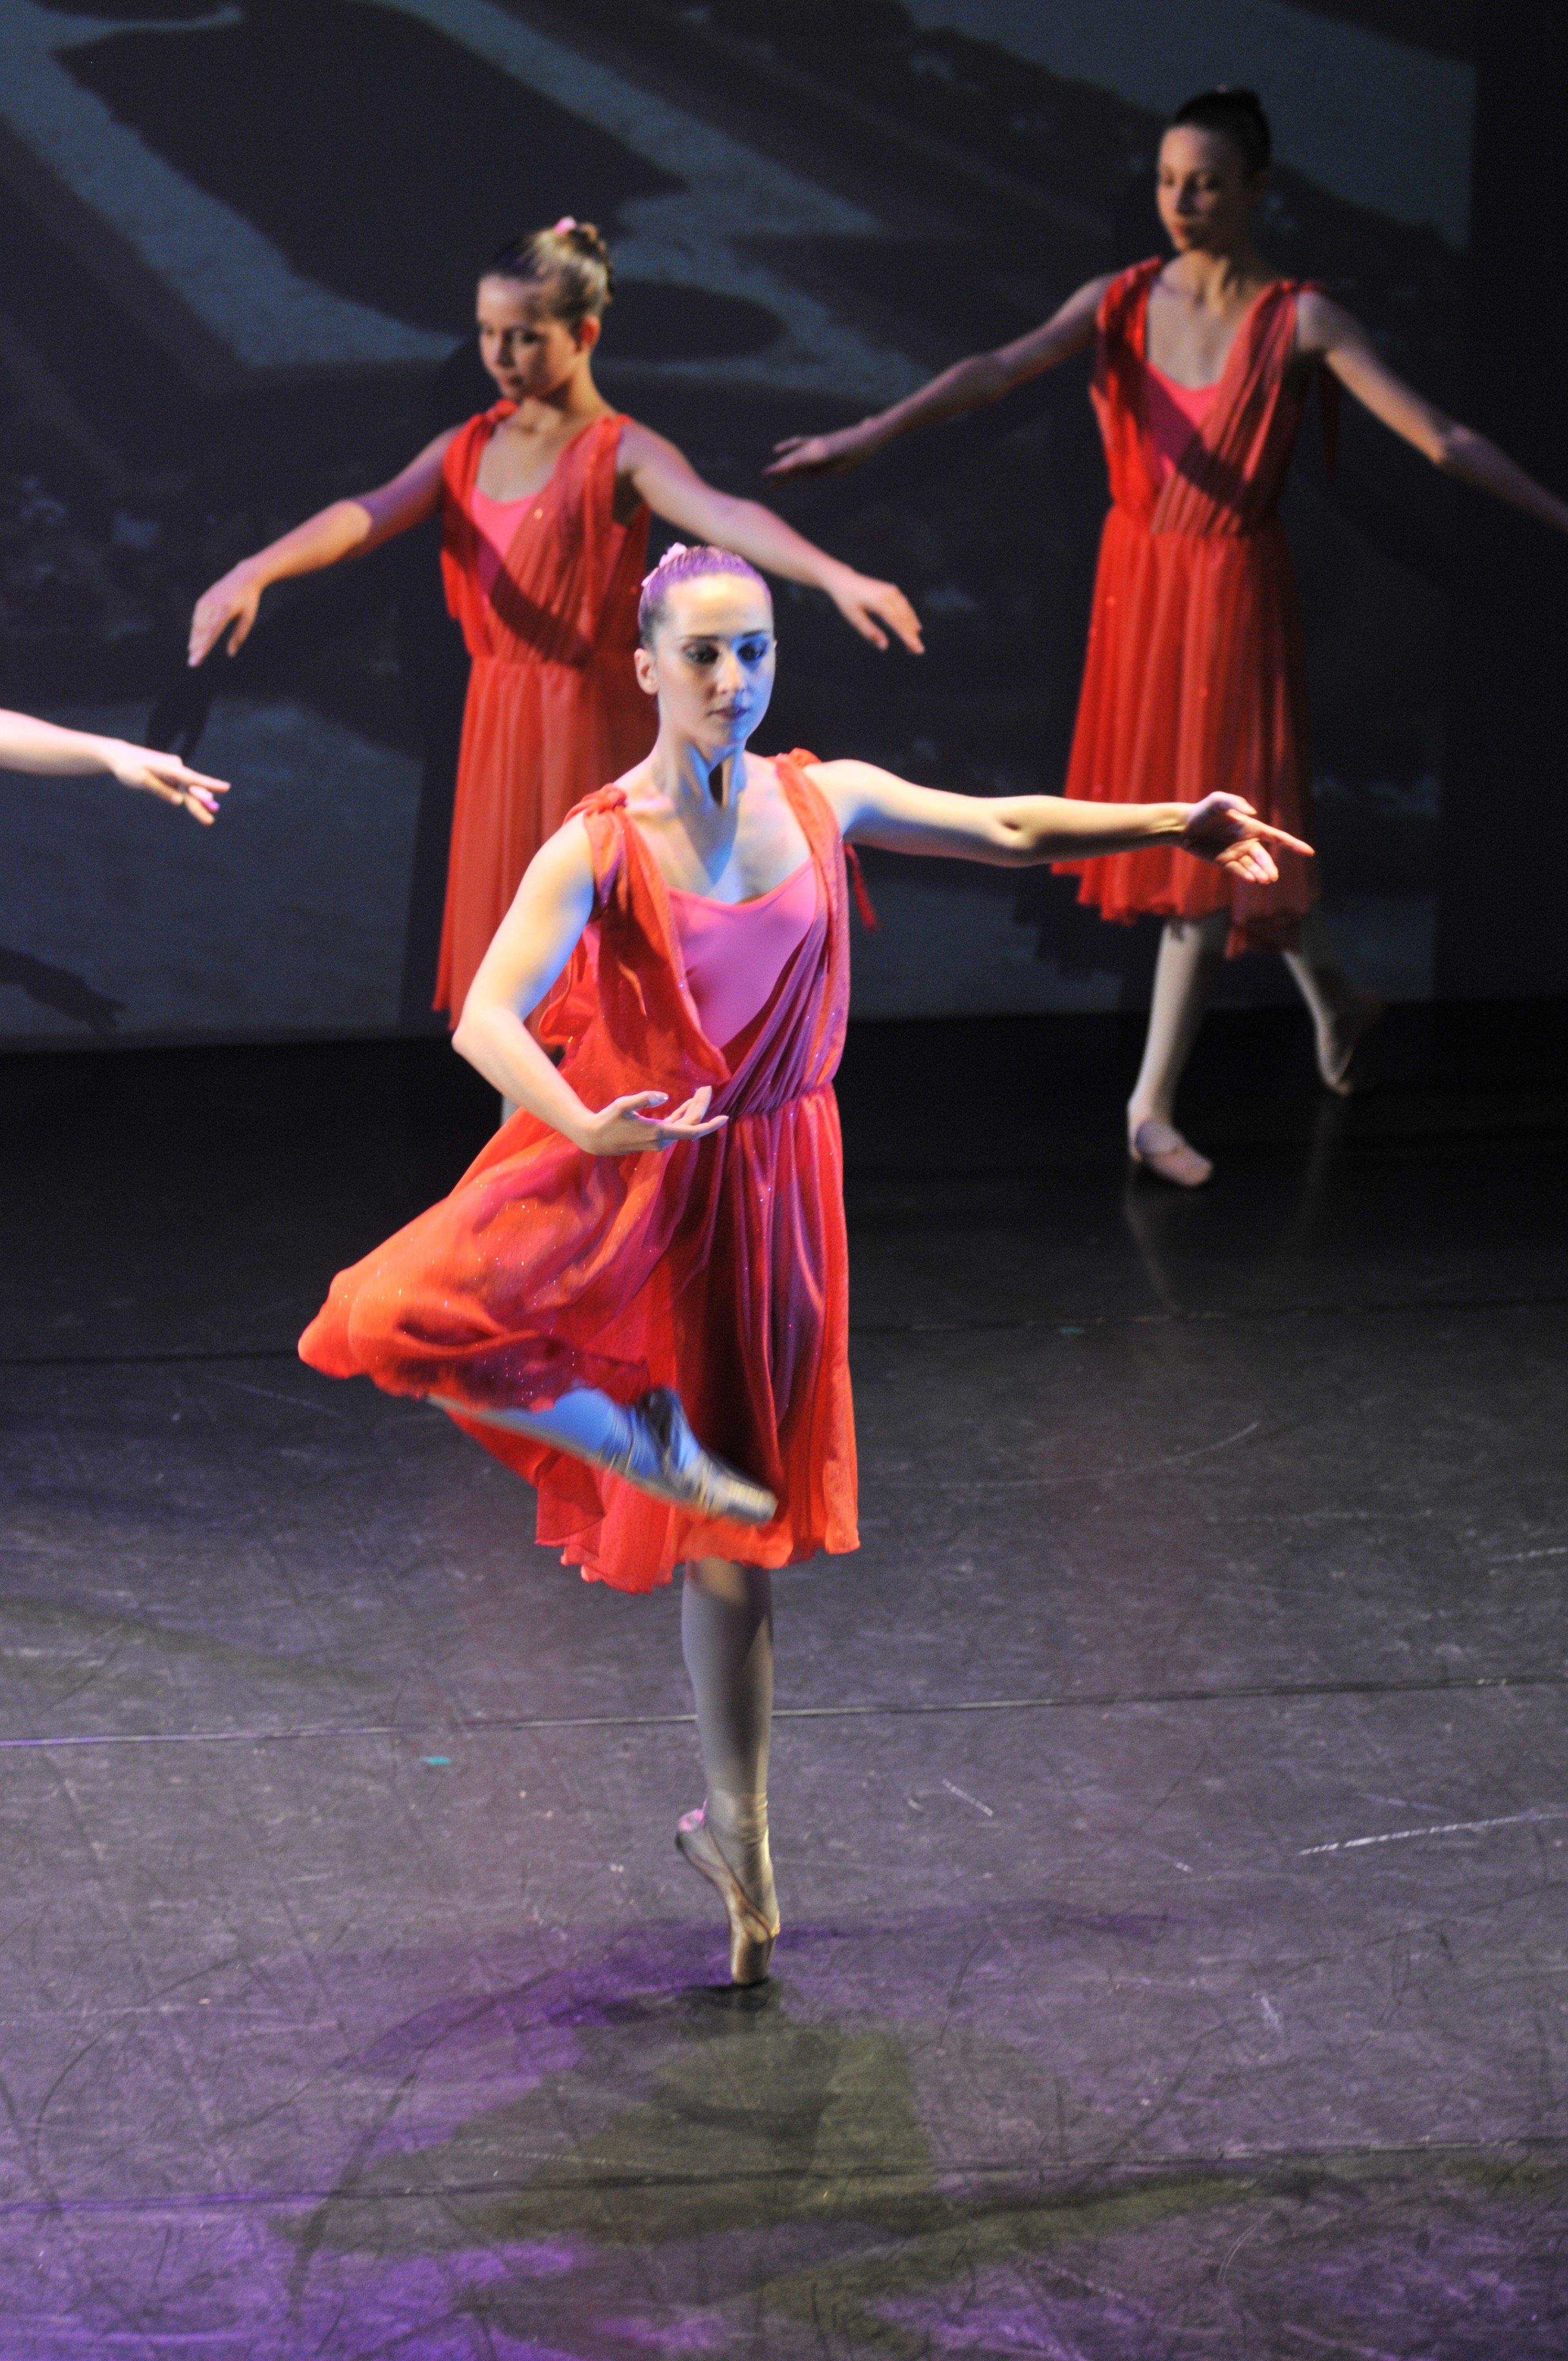 delle ragazze con dei vestiti rossi mentre danzano